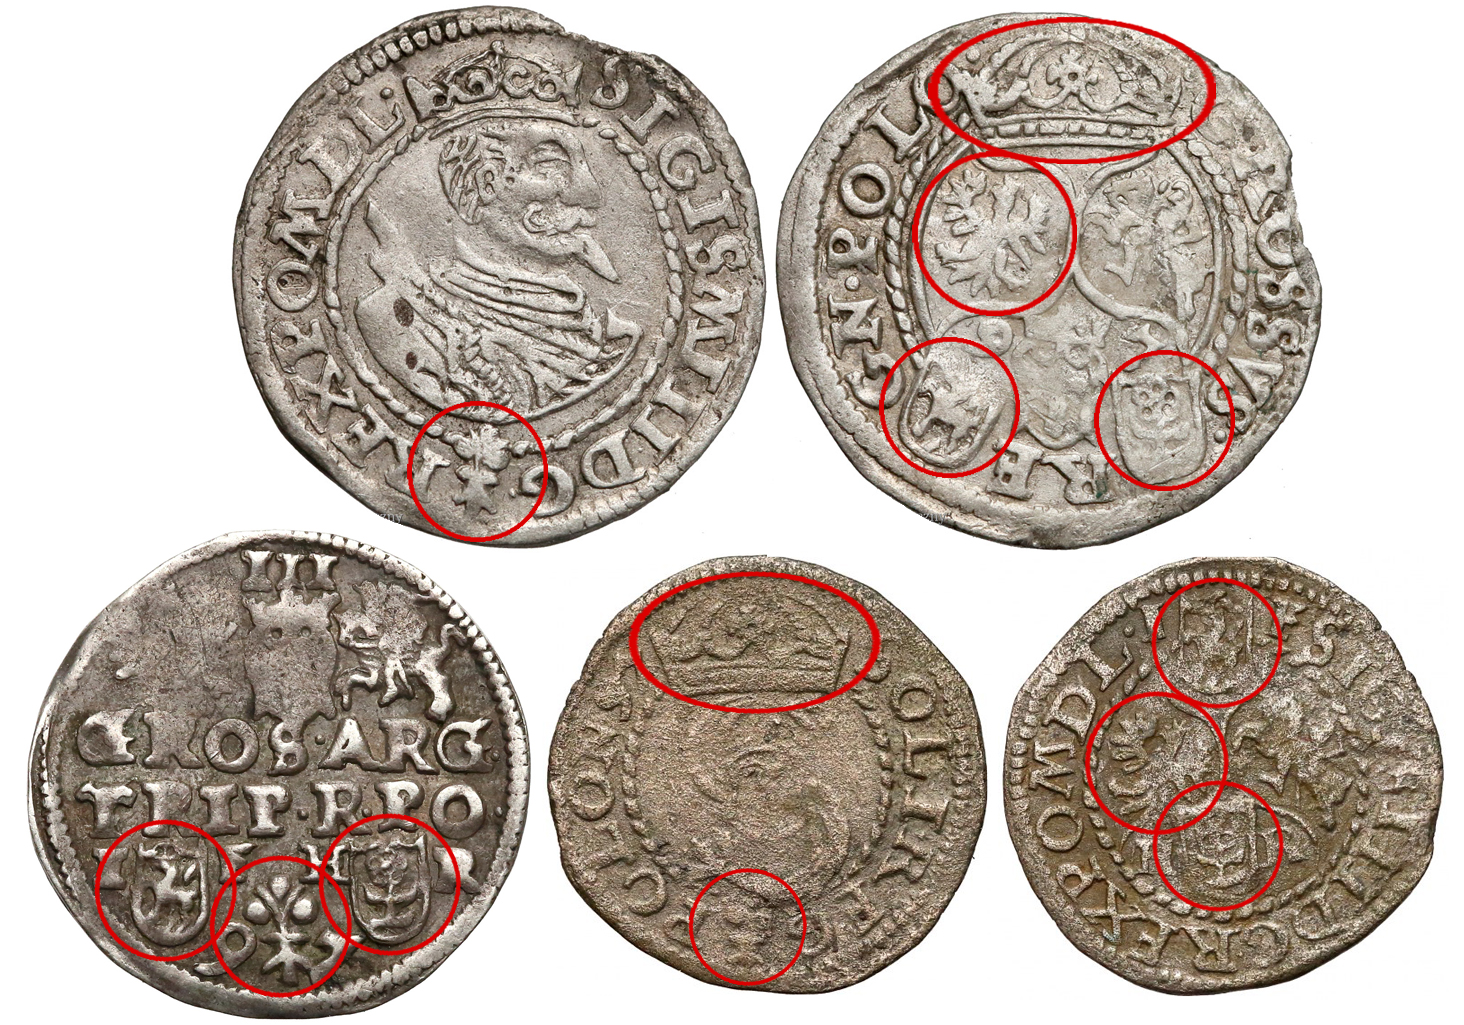 Grosz poznański i jego cechy wspólne z monetami Poznania